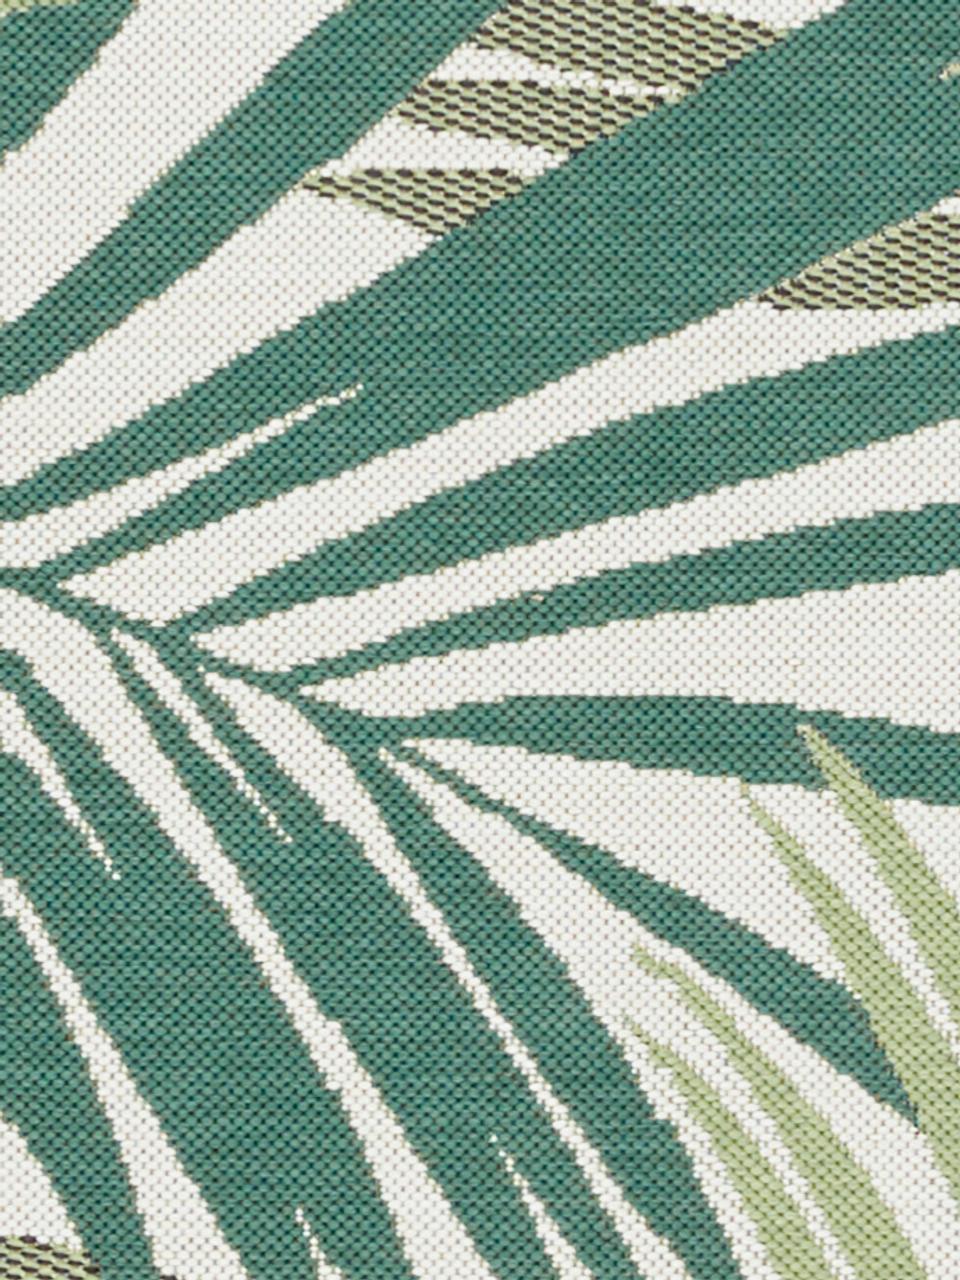 In- & Outdoor-Teppich Vai mit Blattmuster, 100% Polypropylen, Grüntöne, Beige, B 80 x L 150 cm (Größe XS)